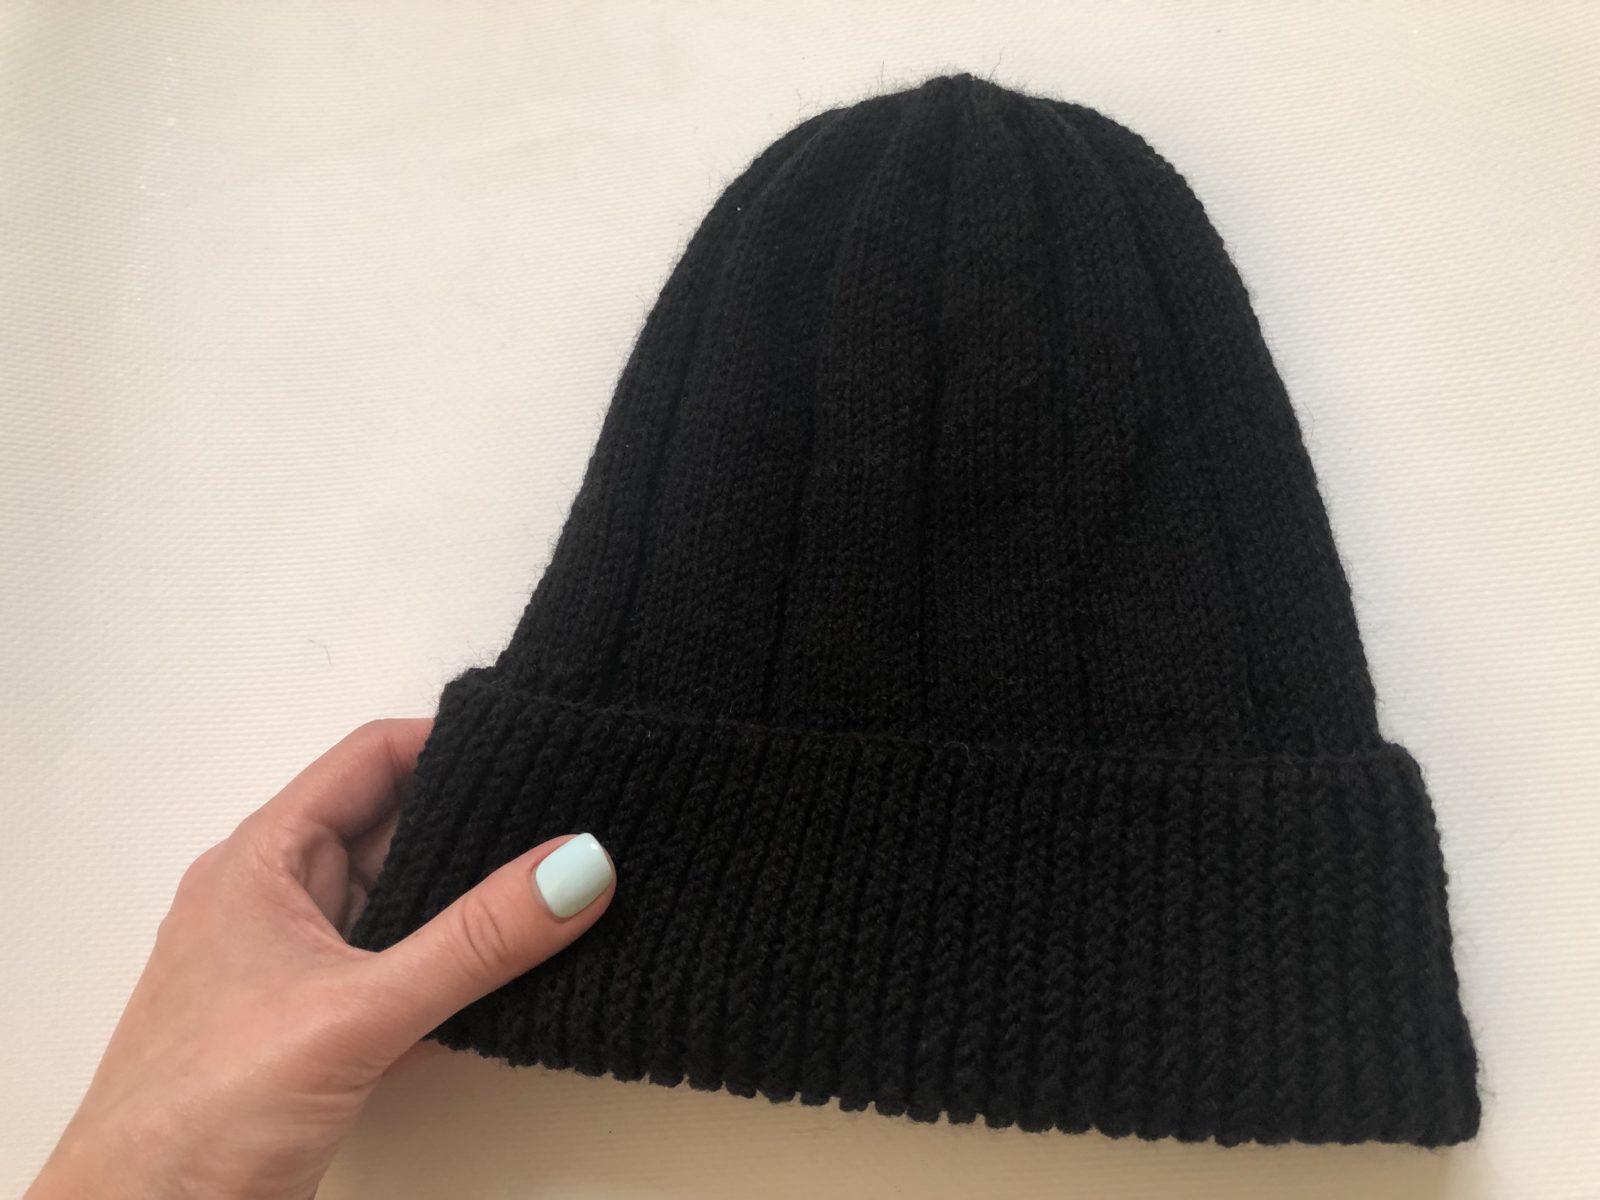 IMG_7391 Простая мужская шапка спицами, схема мужской шапки спицами, пошаговое описание с фото. Мужская шапка спицами для начинающих